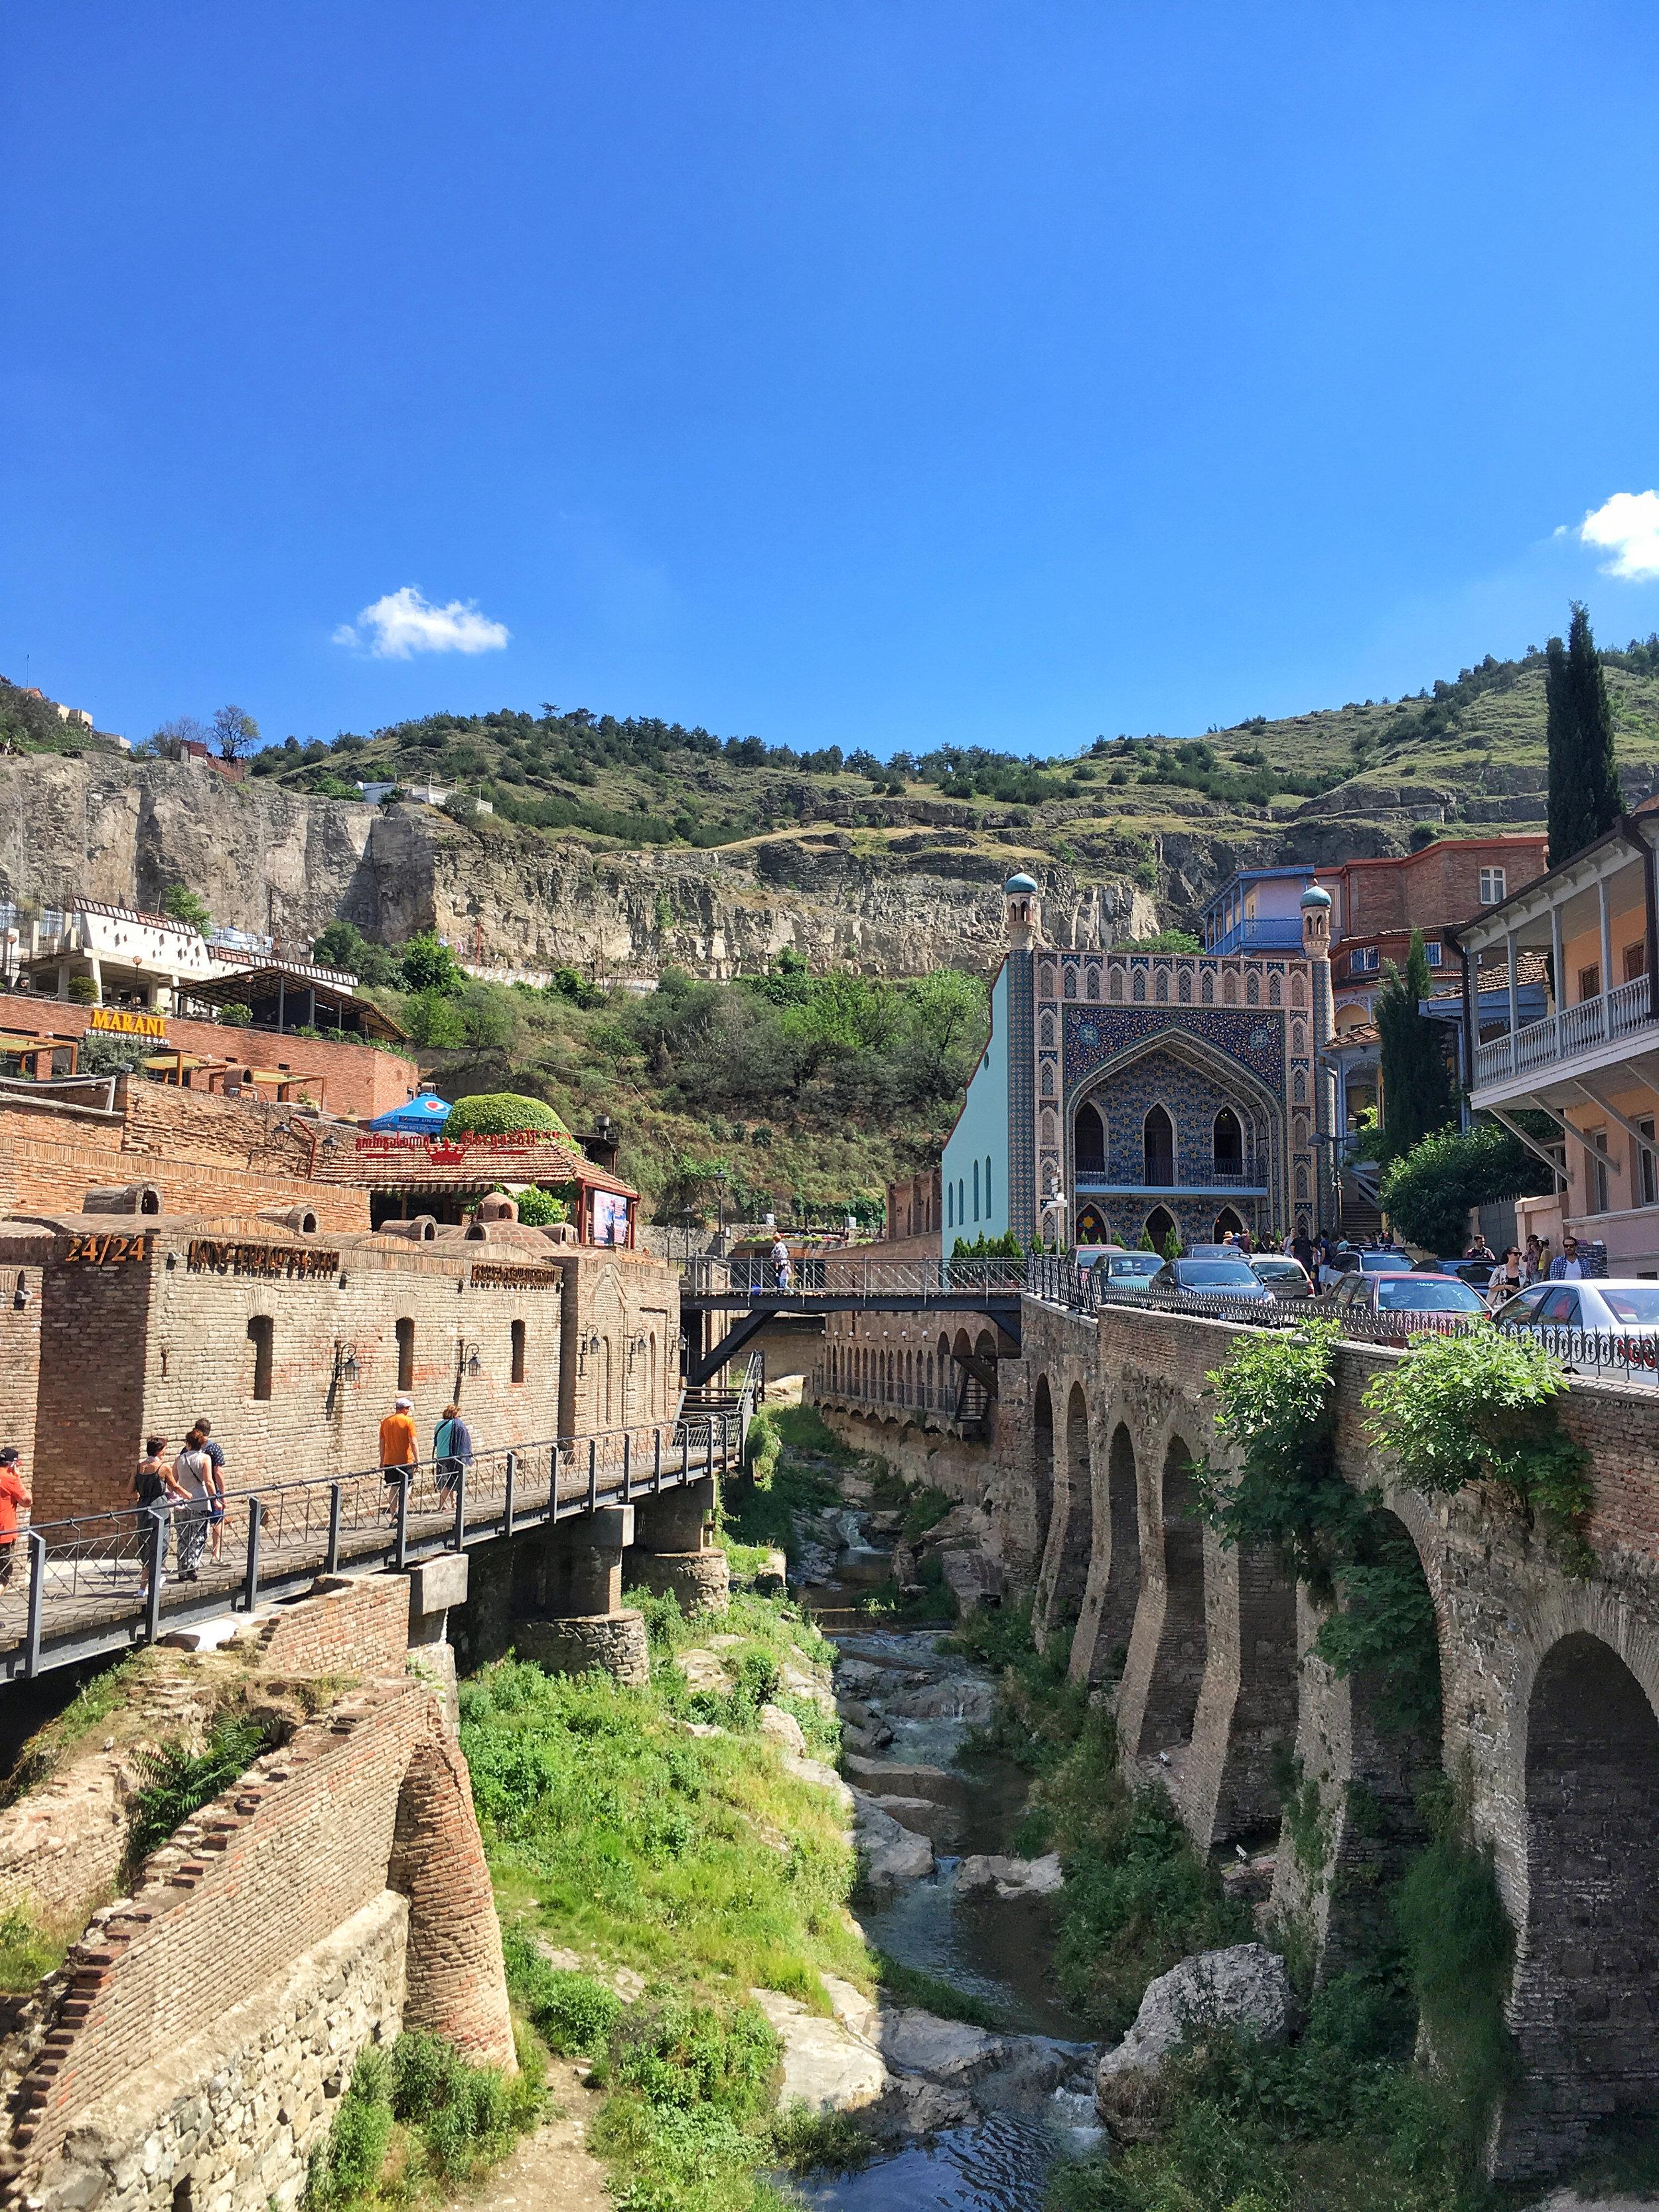 Old town Tbilisi bath houses (hamam)